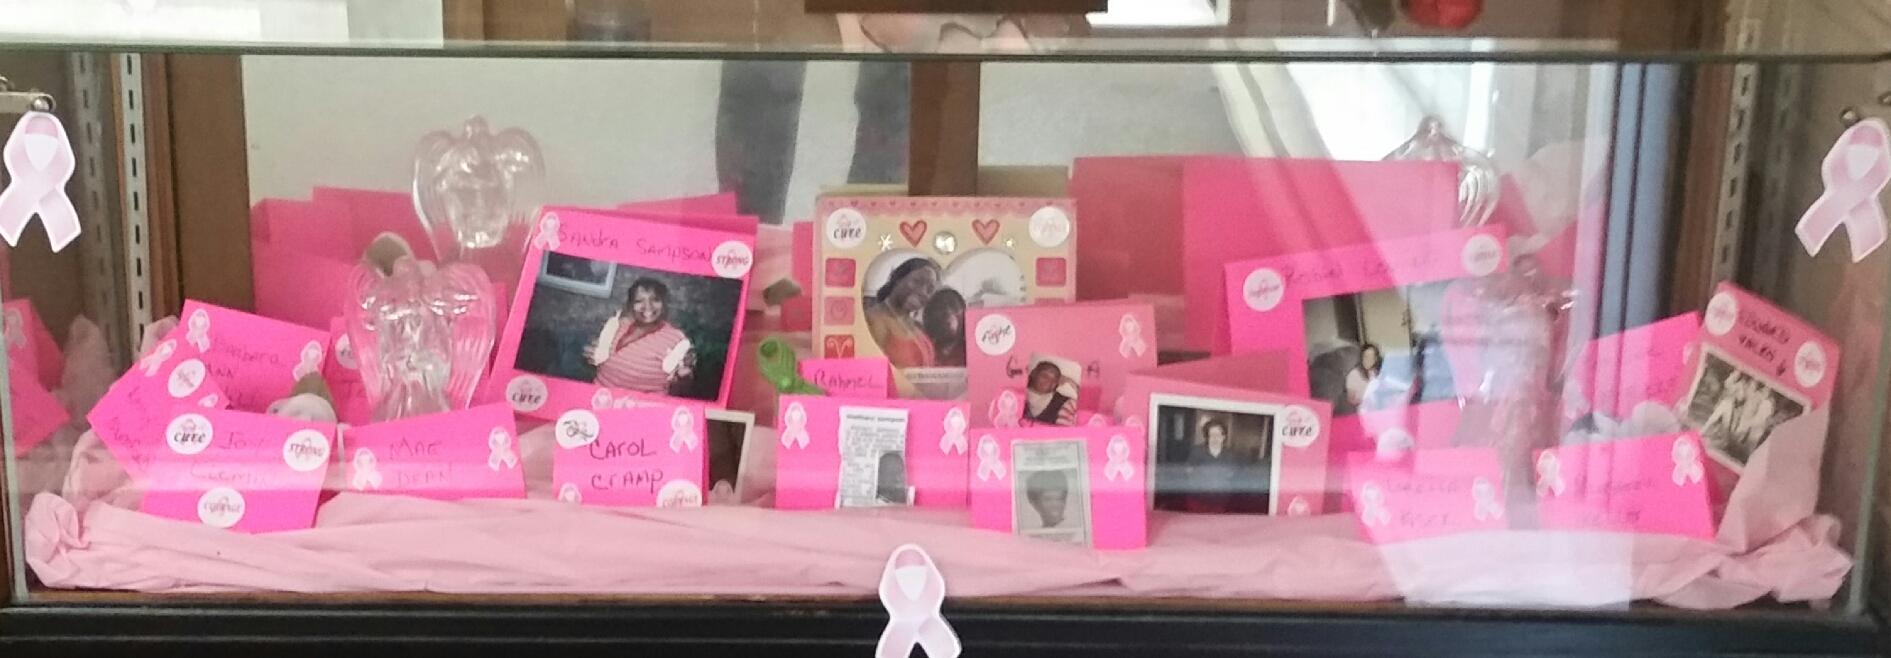 cáncer de mama mck 2